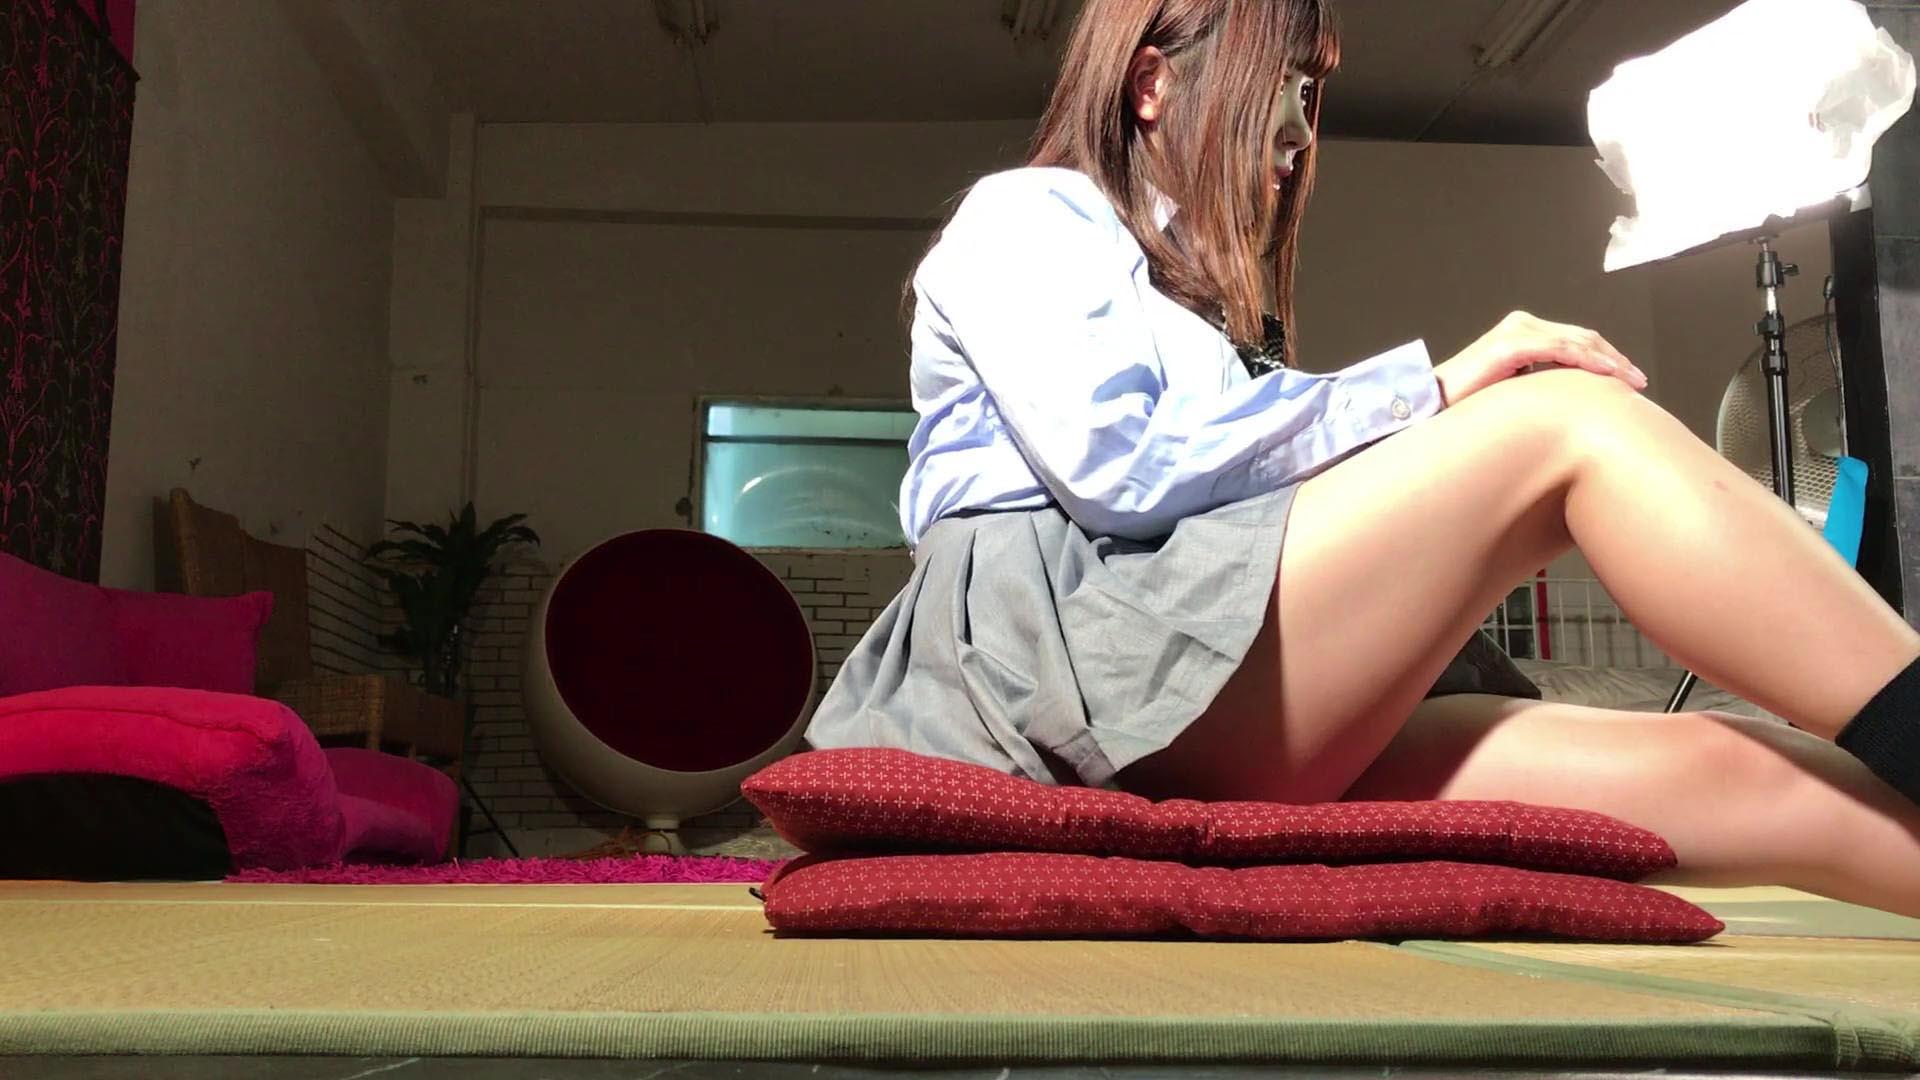 潜入!制服着エロアイドルのグラビア撮影(後編) みくる⑥ FETK00372